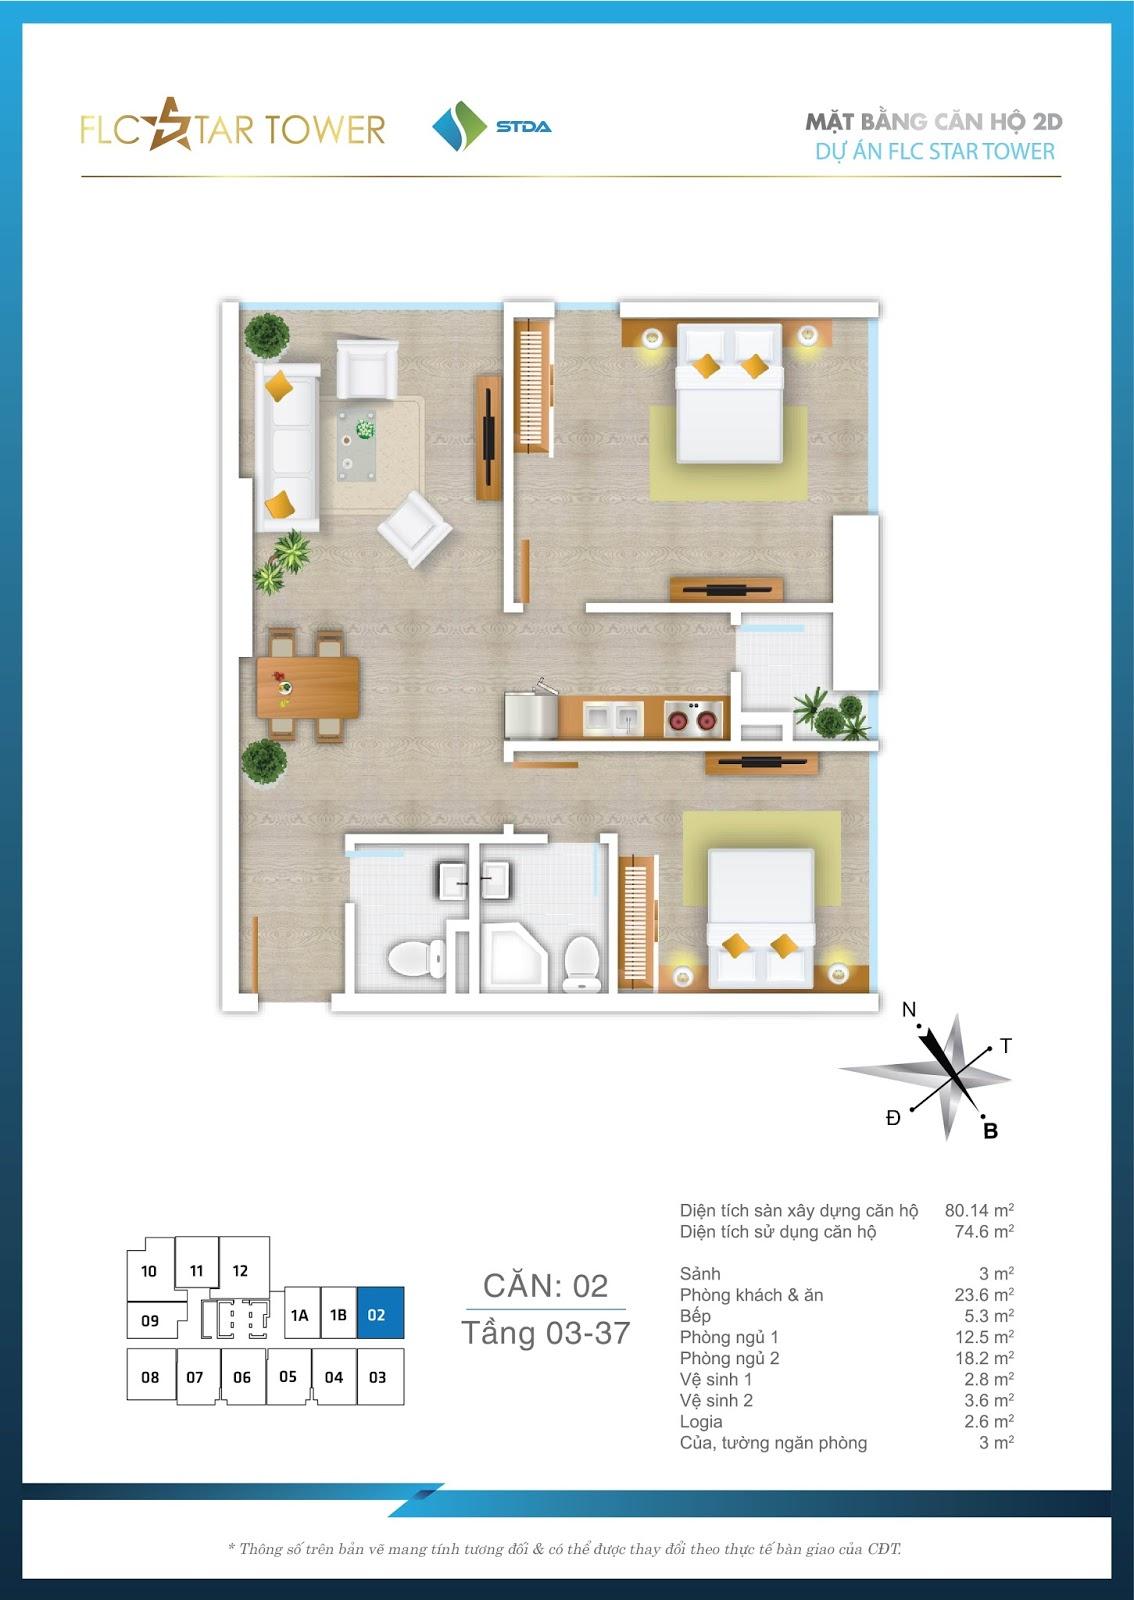 Thiết kế căn hộ 02 - Chung cư FLC Star Tower Hà Đông